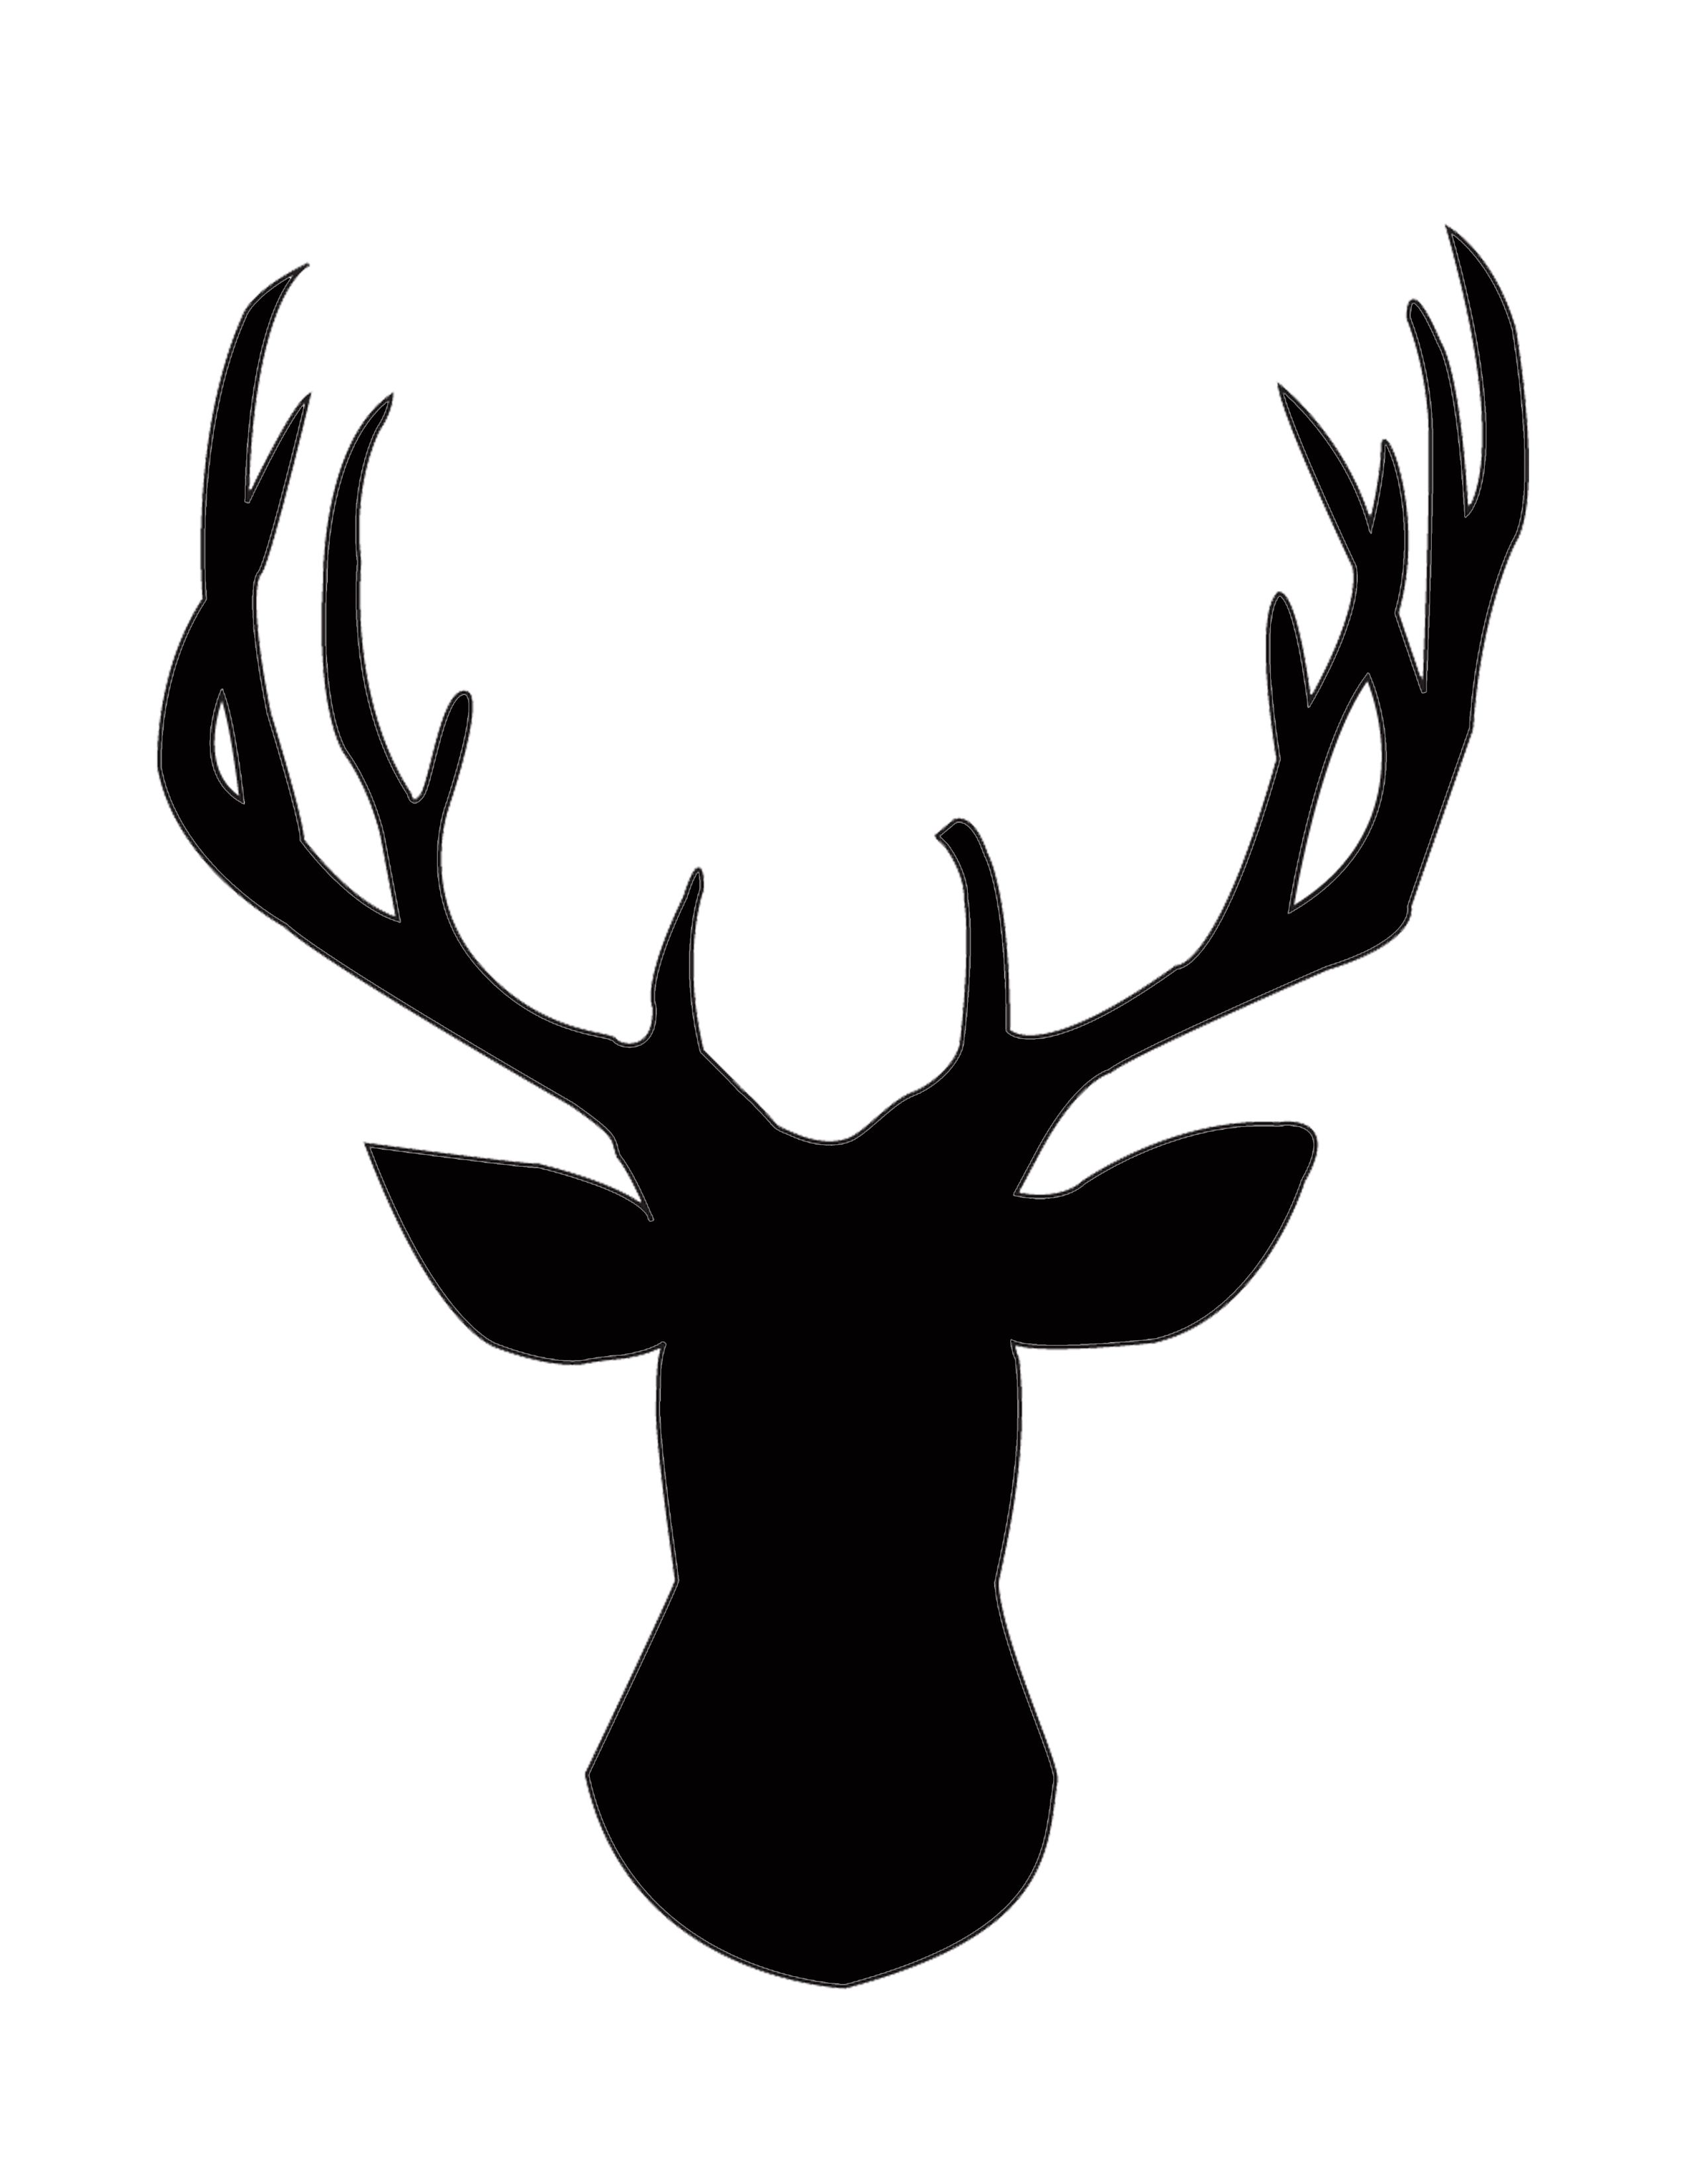 2550x3300 Diy Gold Foil Deer Head Silhouette Deer Head Silhouette, Free